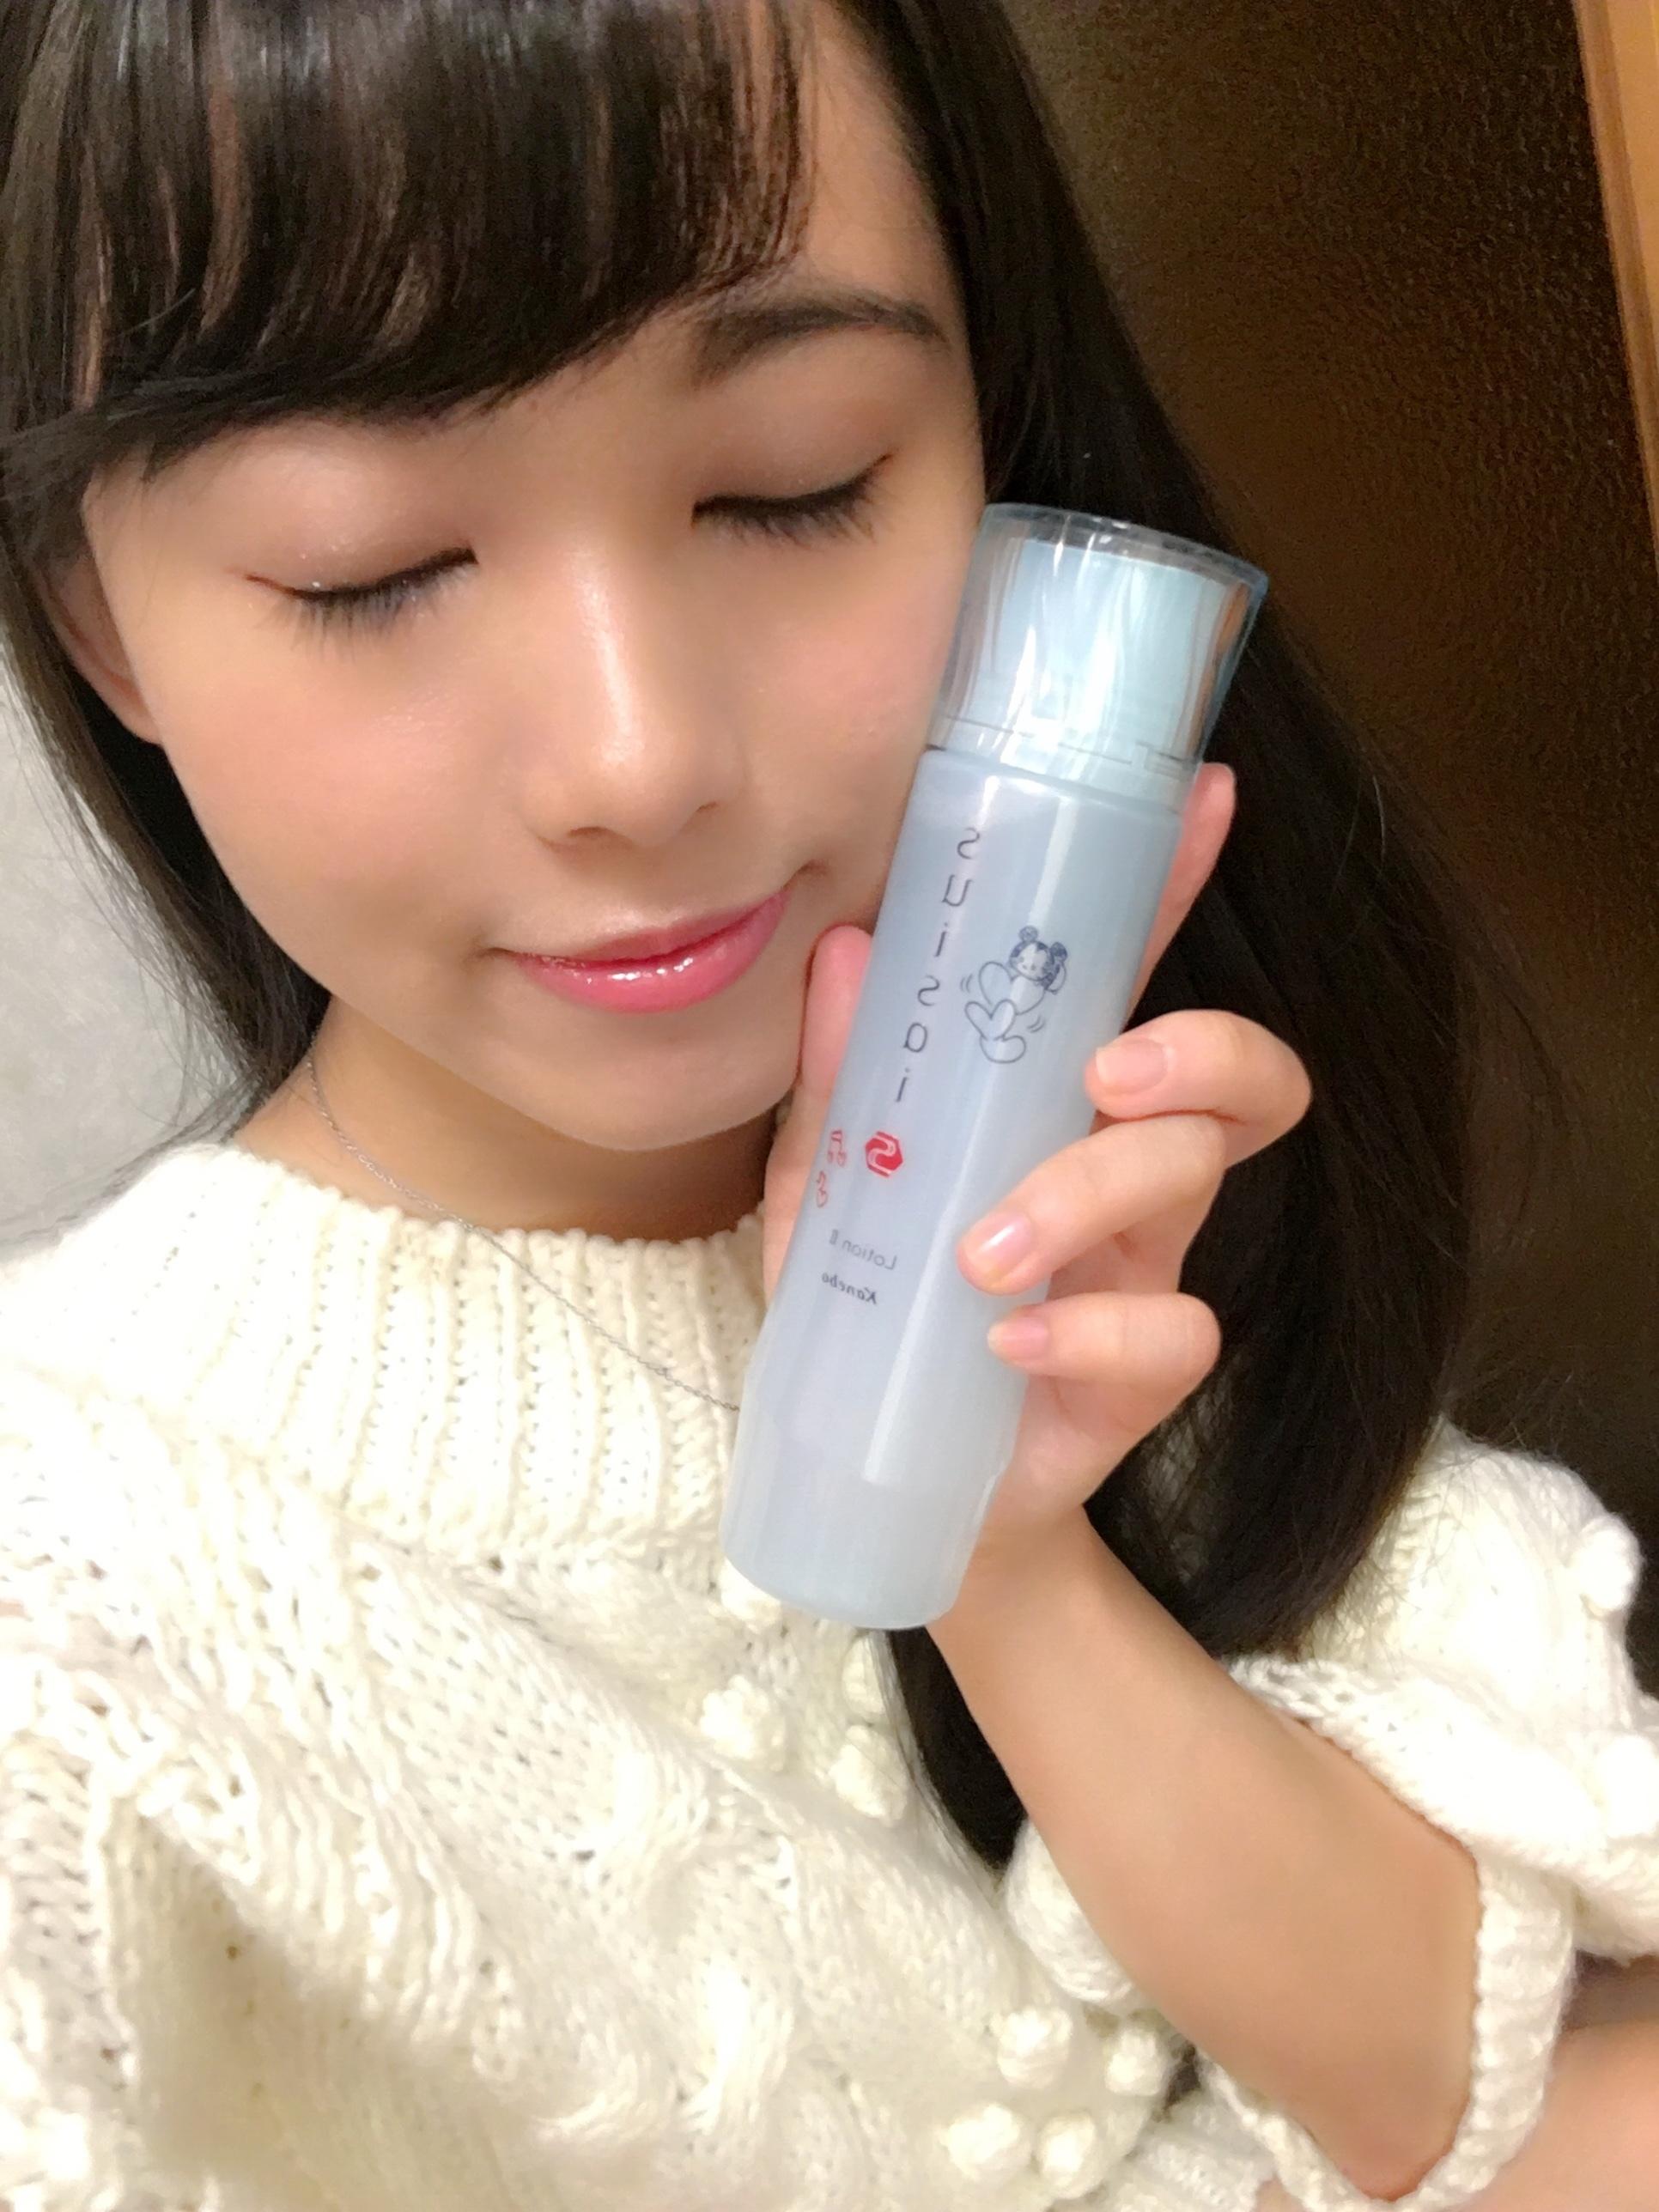 ディズニーツムツムコラボ♡suisai化粧水と洗顔料_1_7-1